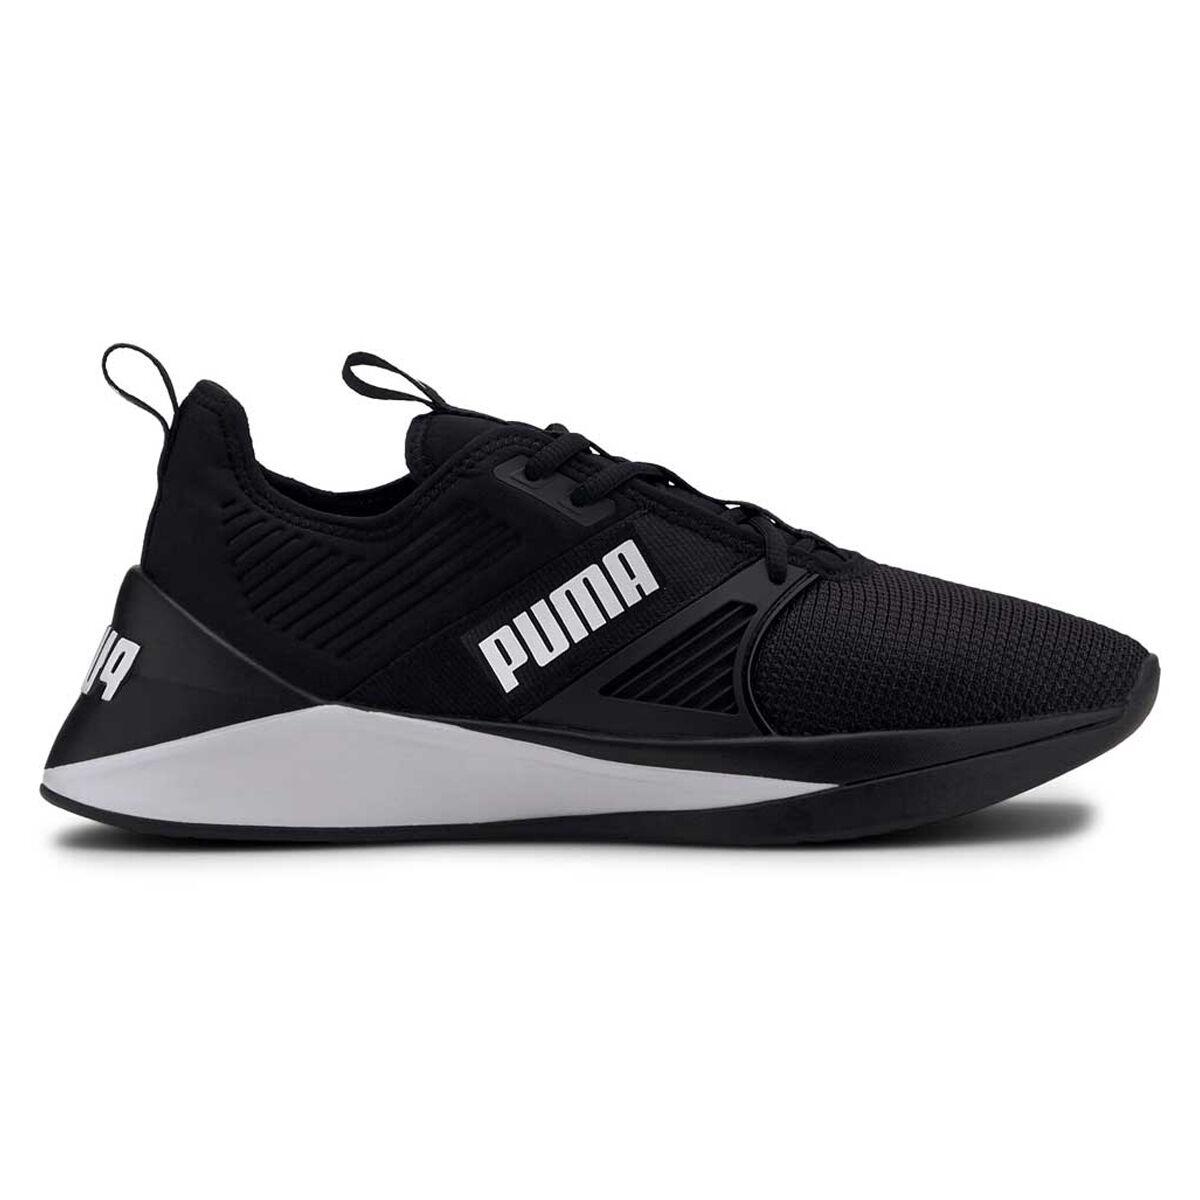 Puma JAAB XT Mens Training Shoes